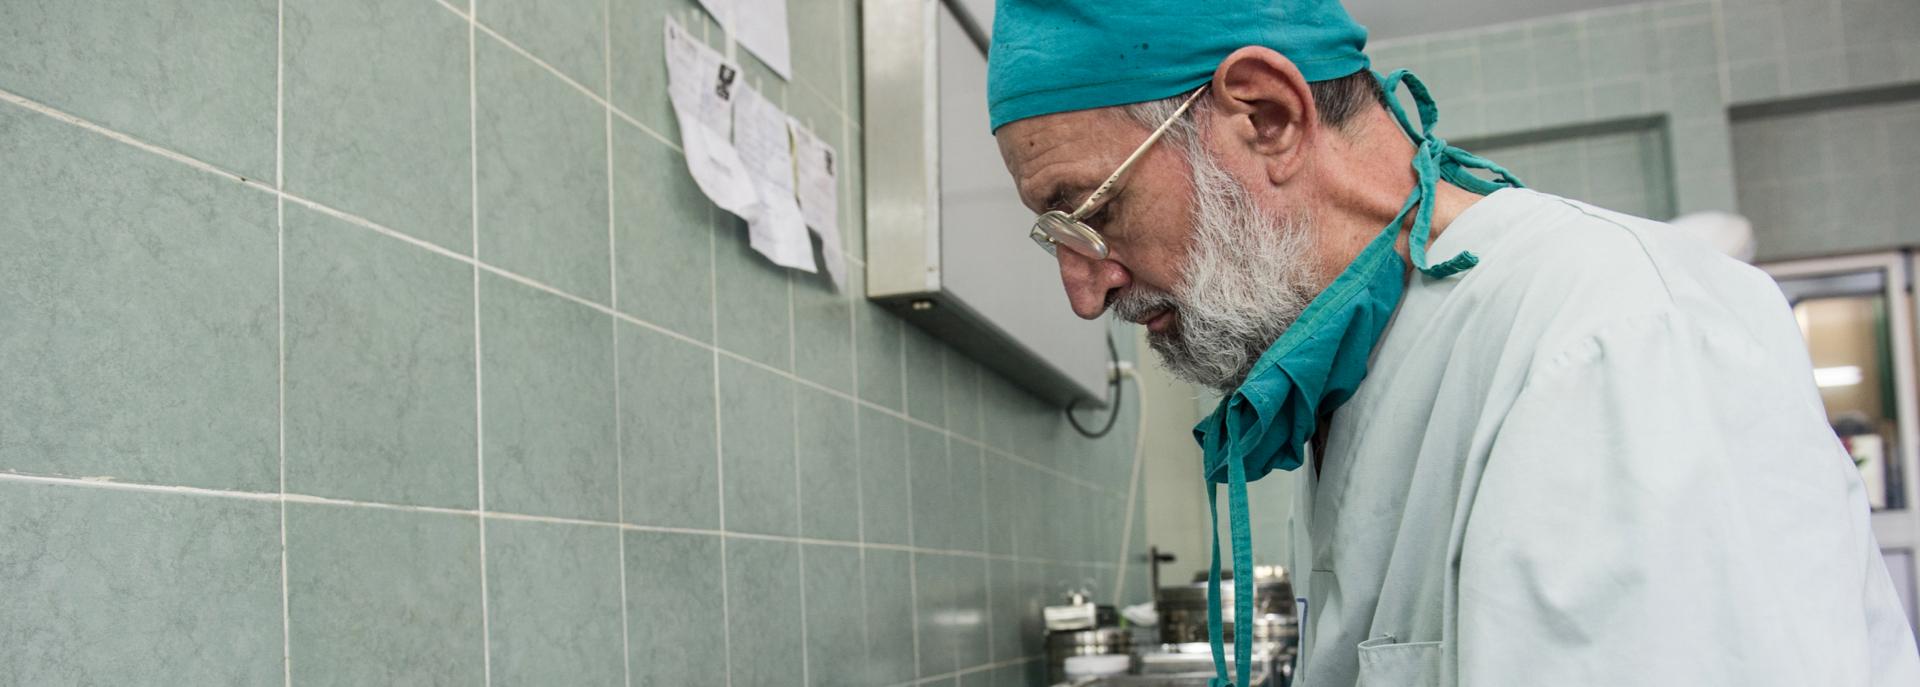 Fra Fiorenzo e una missione per l'Africa: le testimonianze di Confratelli e pazienti